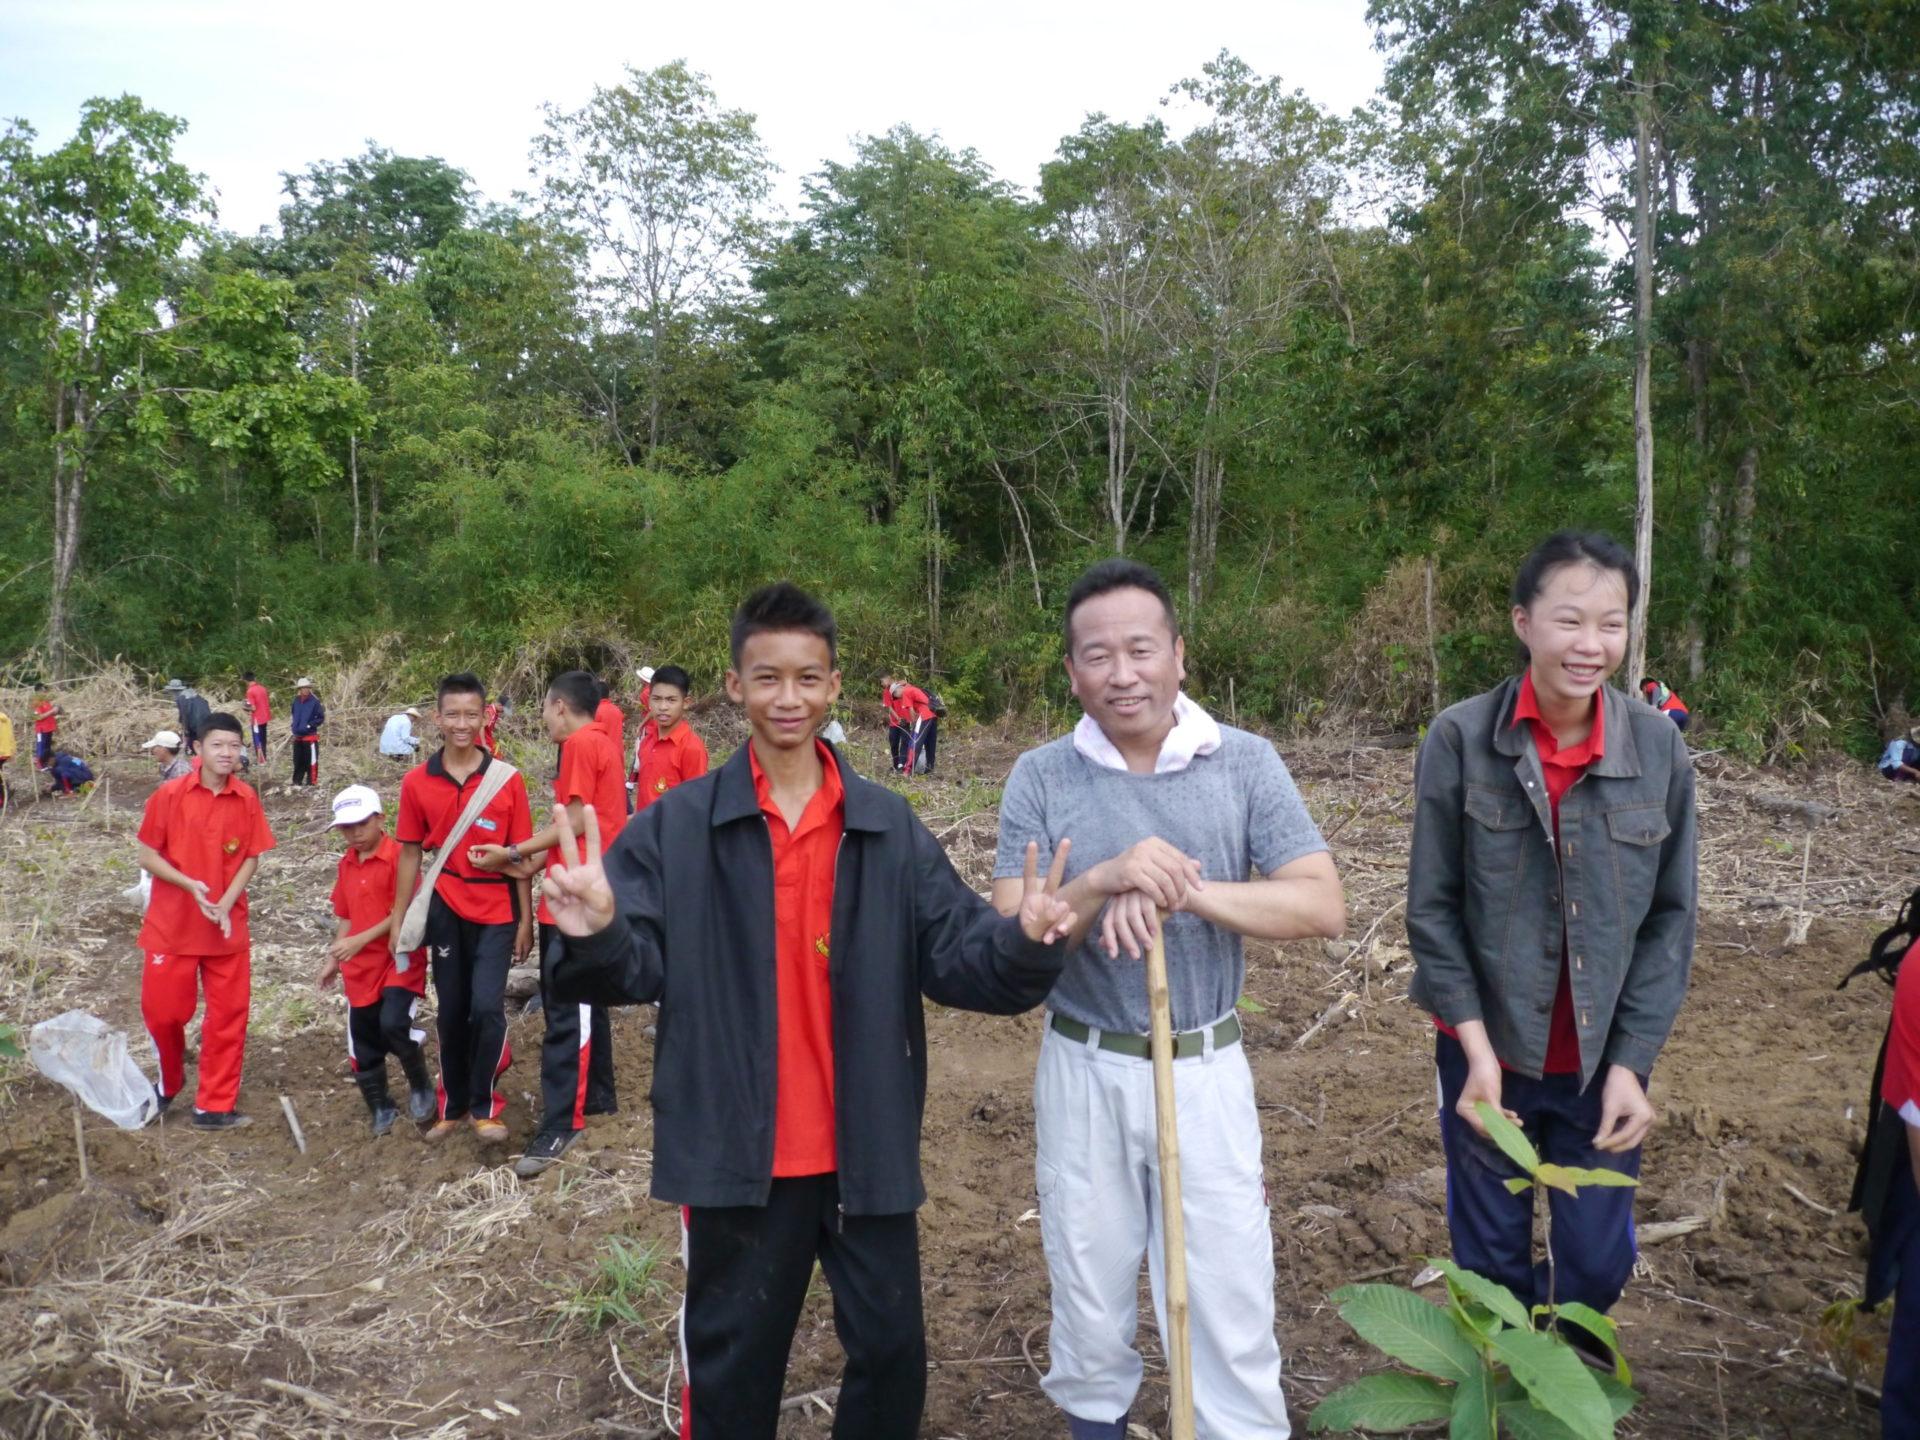 村の子供たちと果樹を植樹